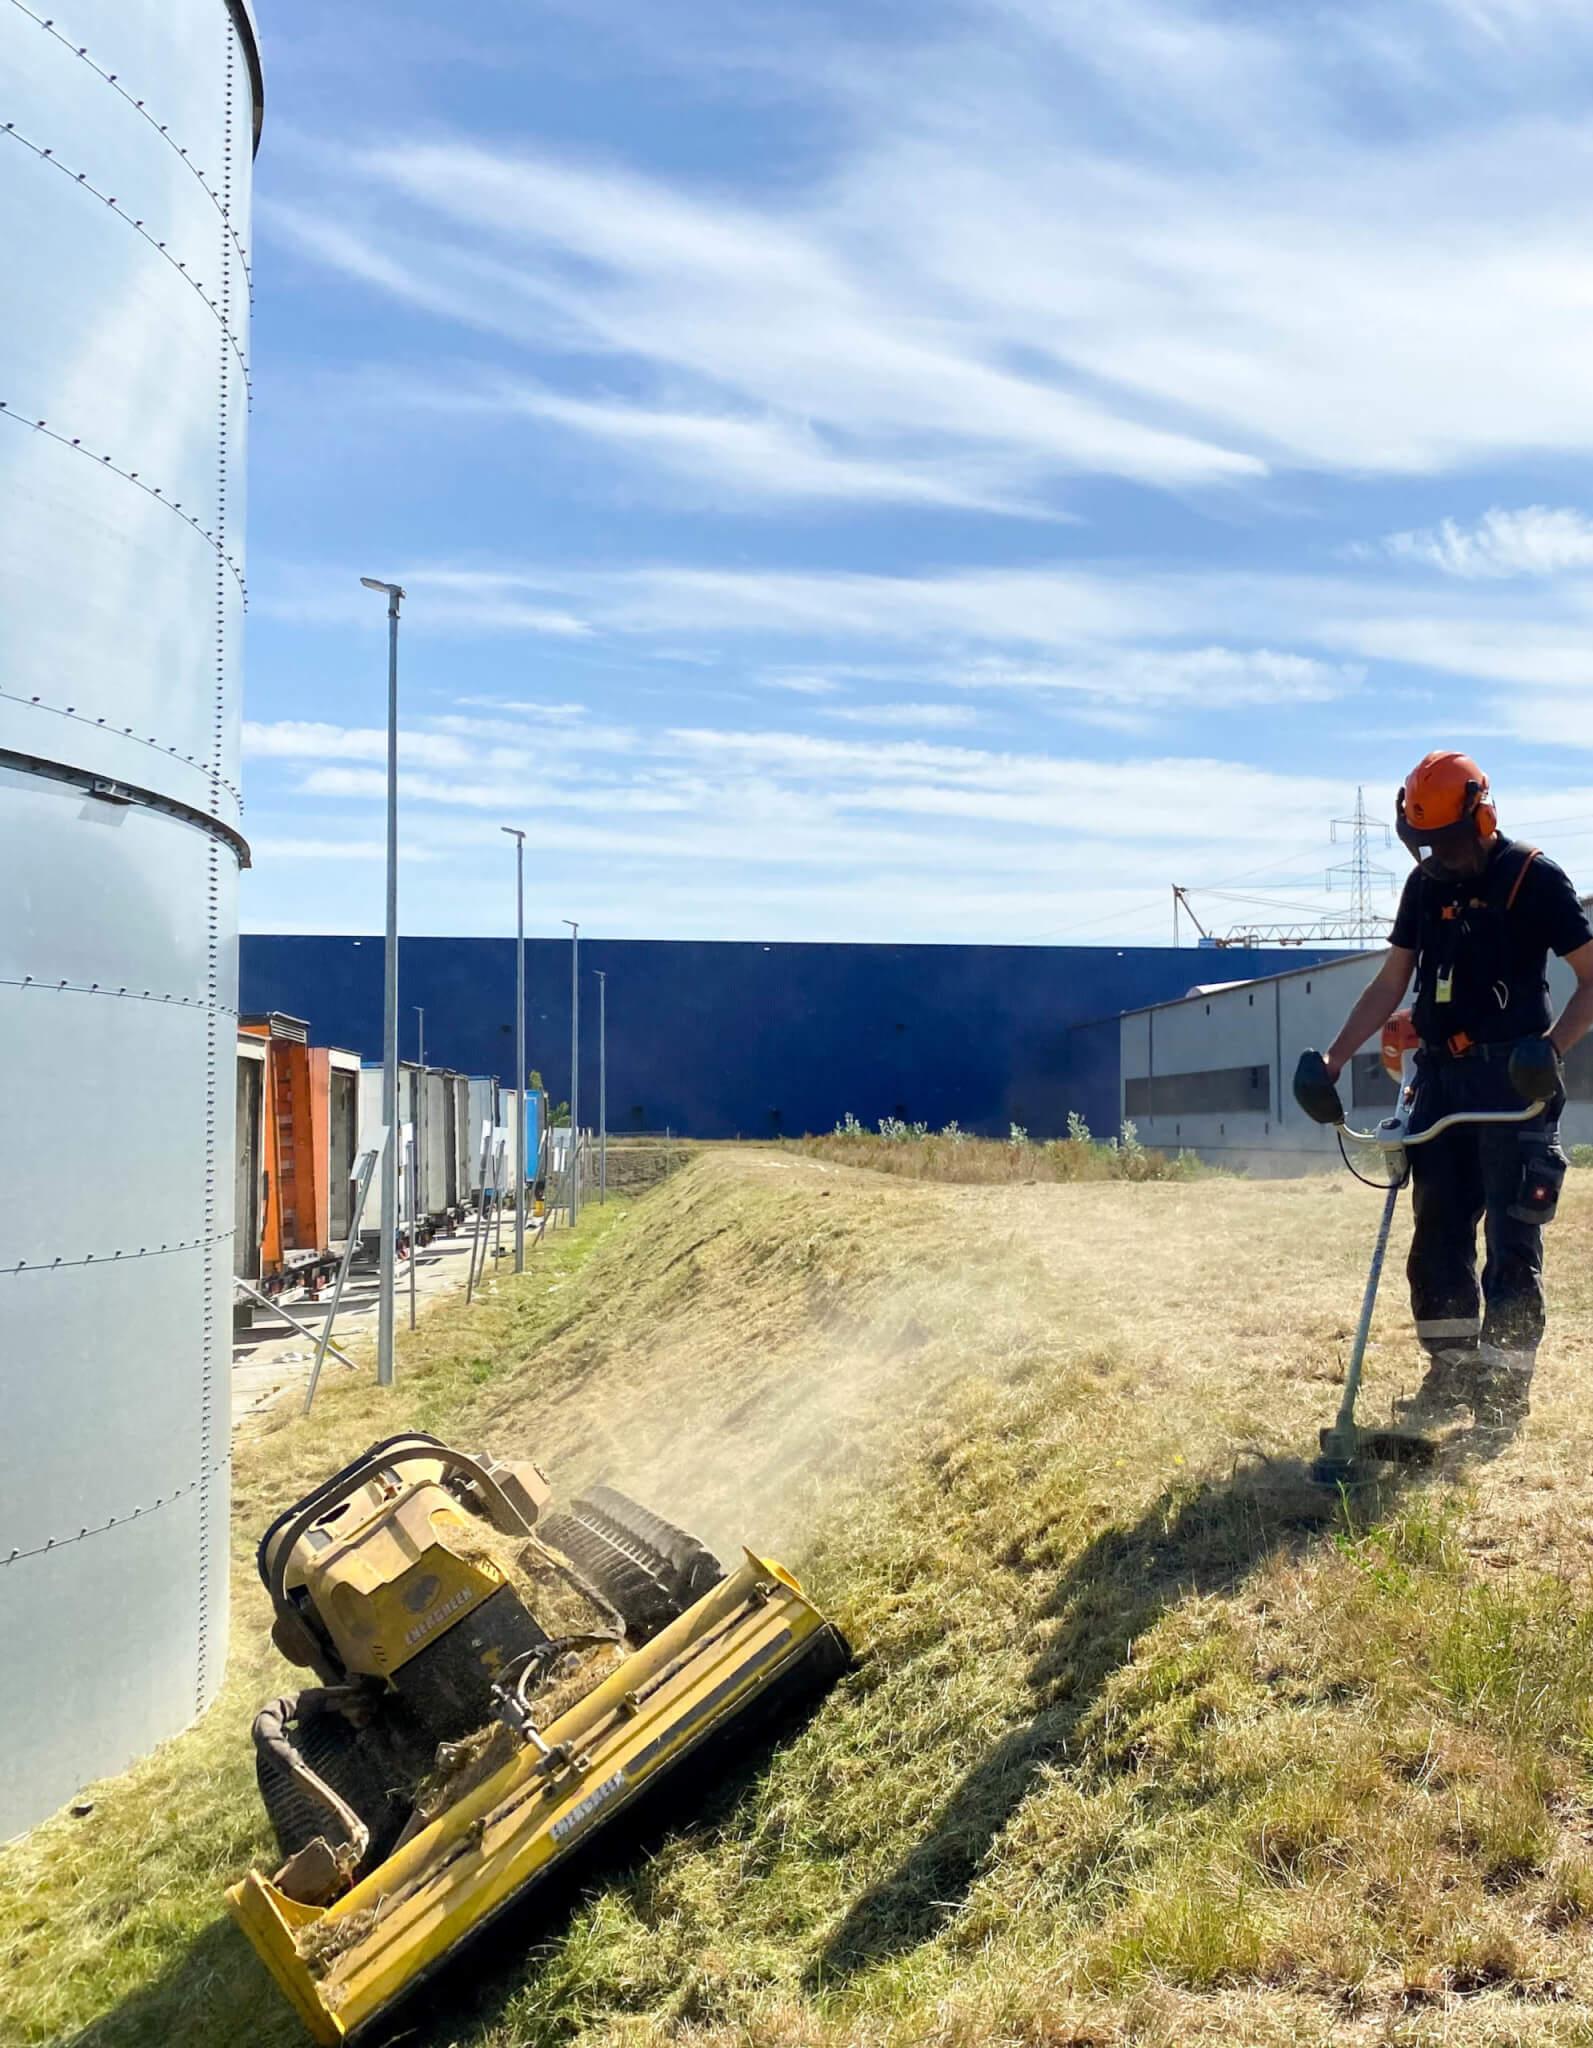 Landschaftspflege: Mäharbeiten mit dem Freischneider und der Mähraupe